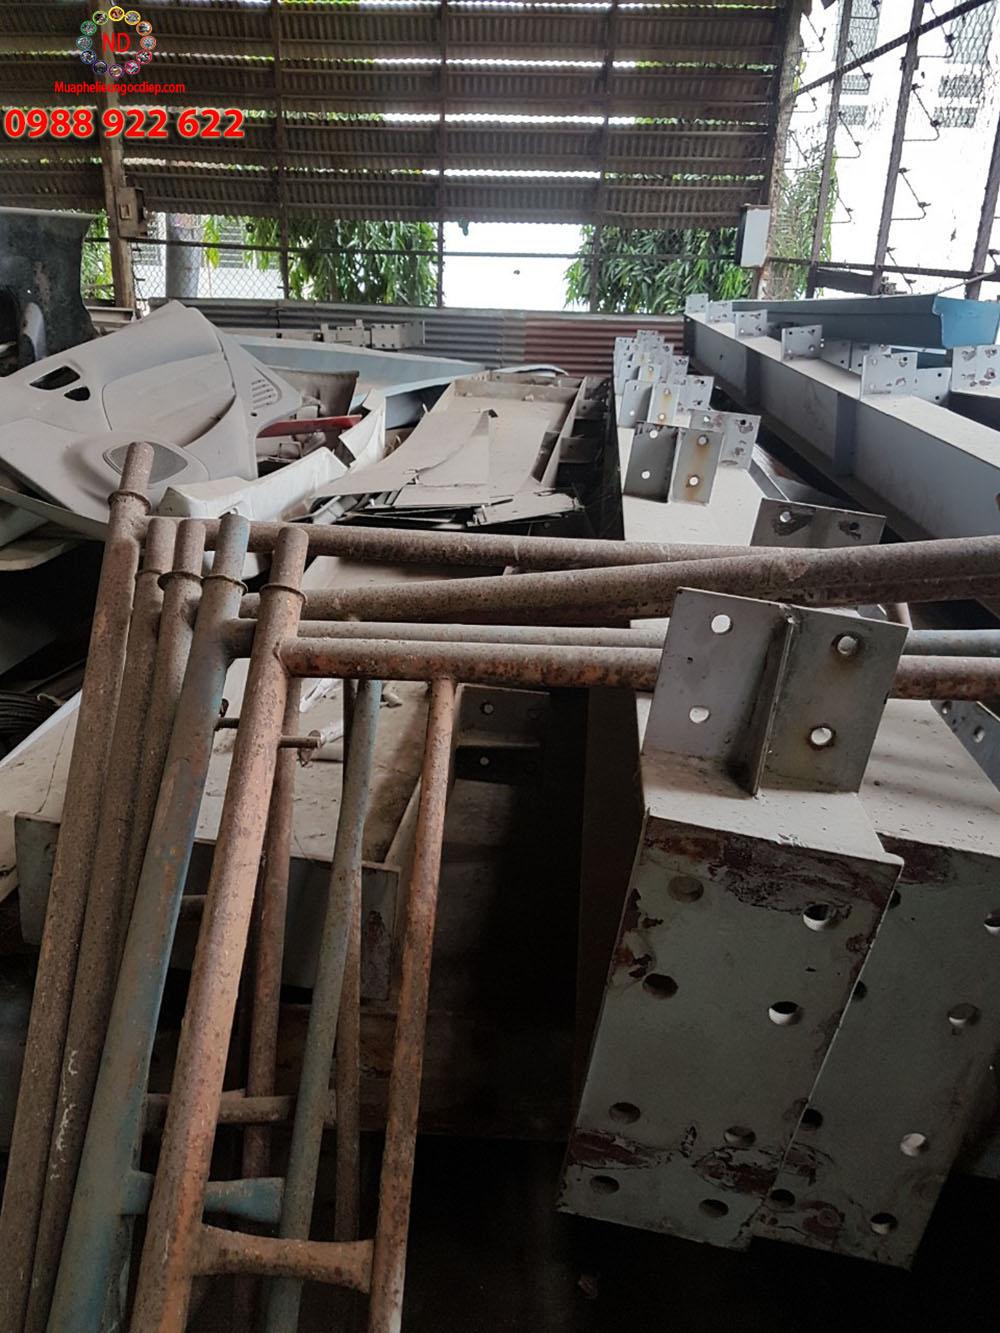 Thu mua phế liệu giá cao tại Thừa Thiên Huế